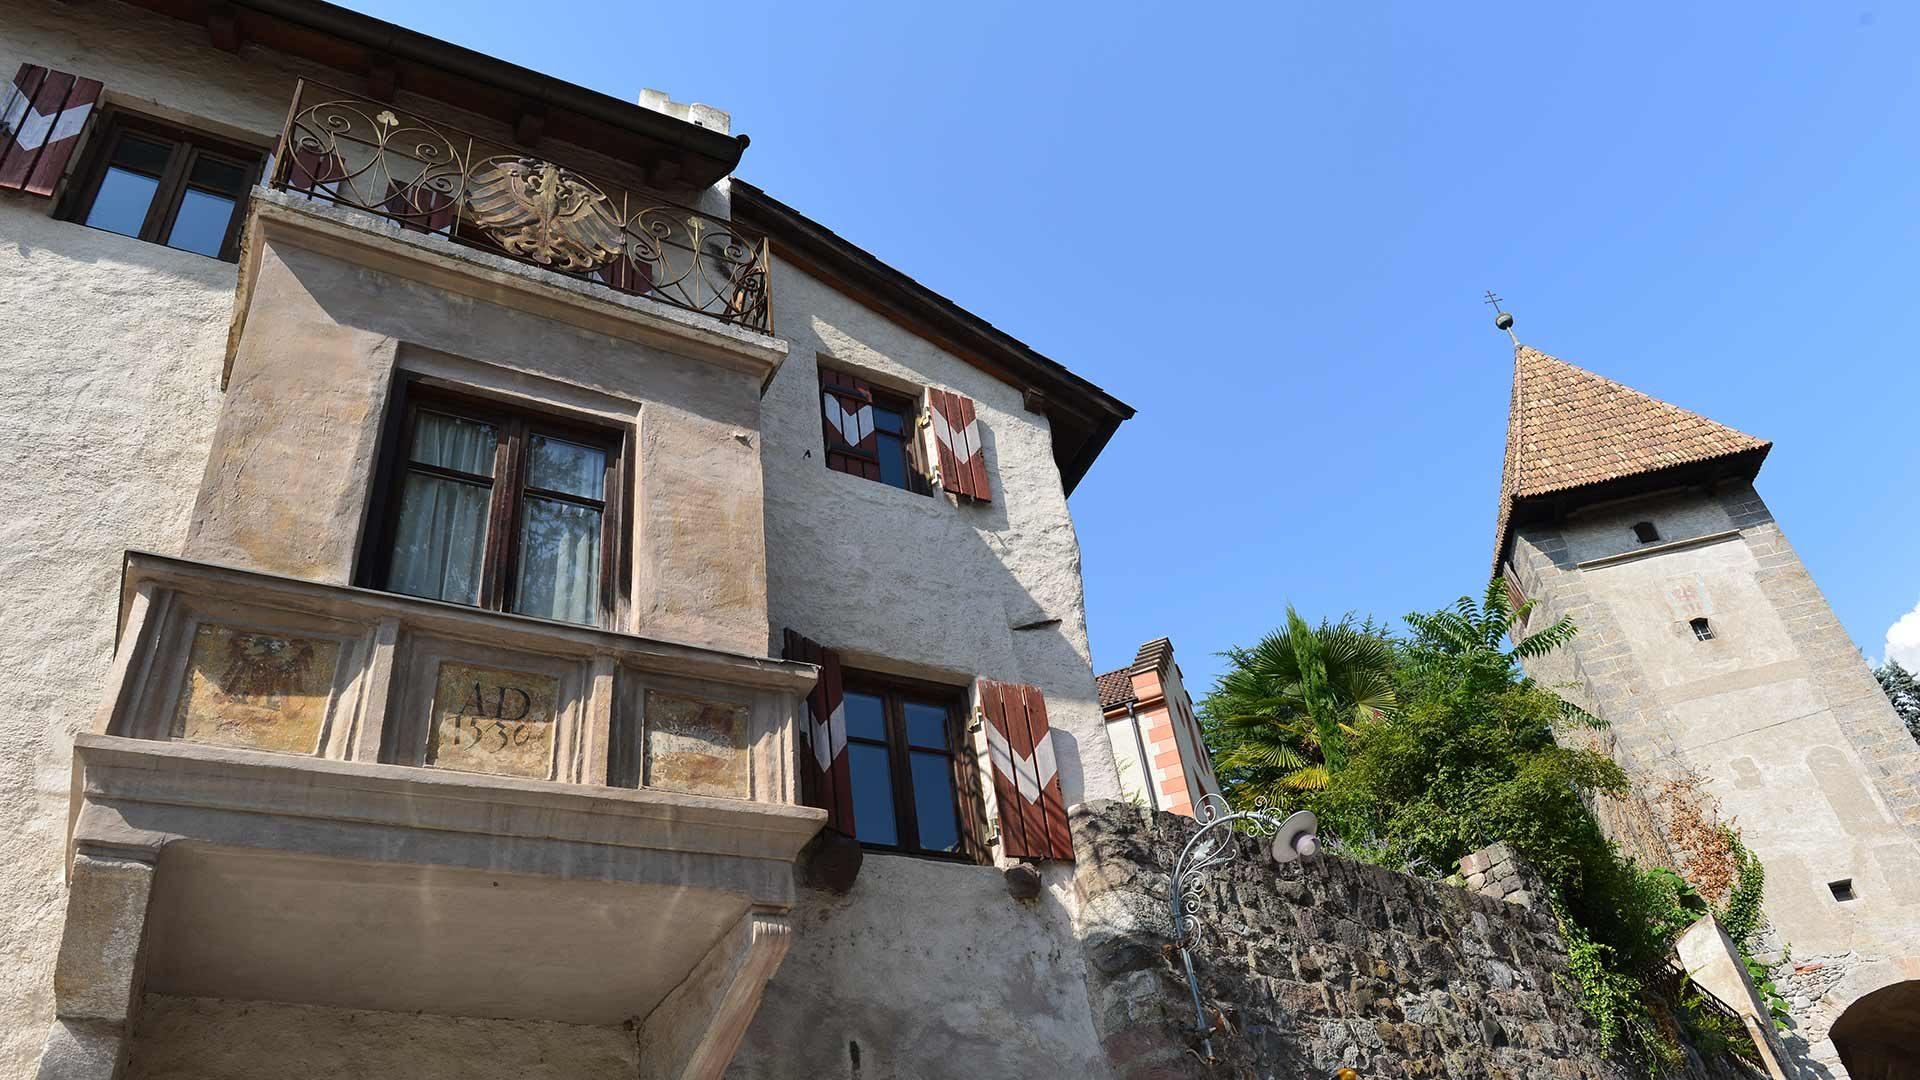 Il centro storico di Merano in Alto Adige